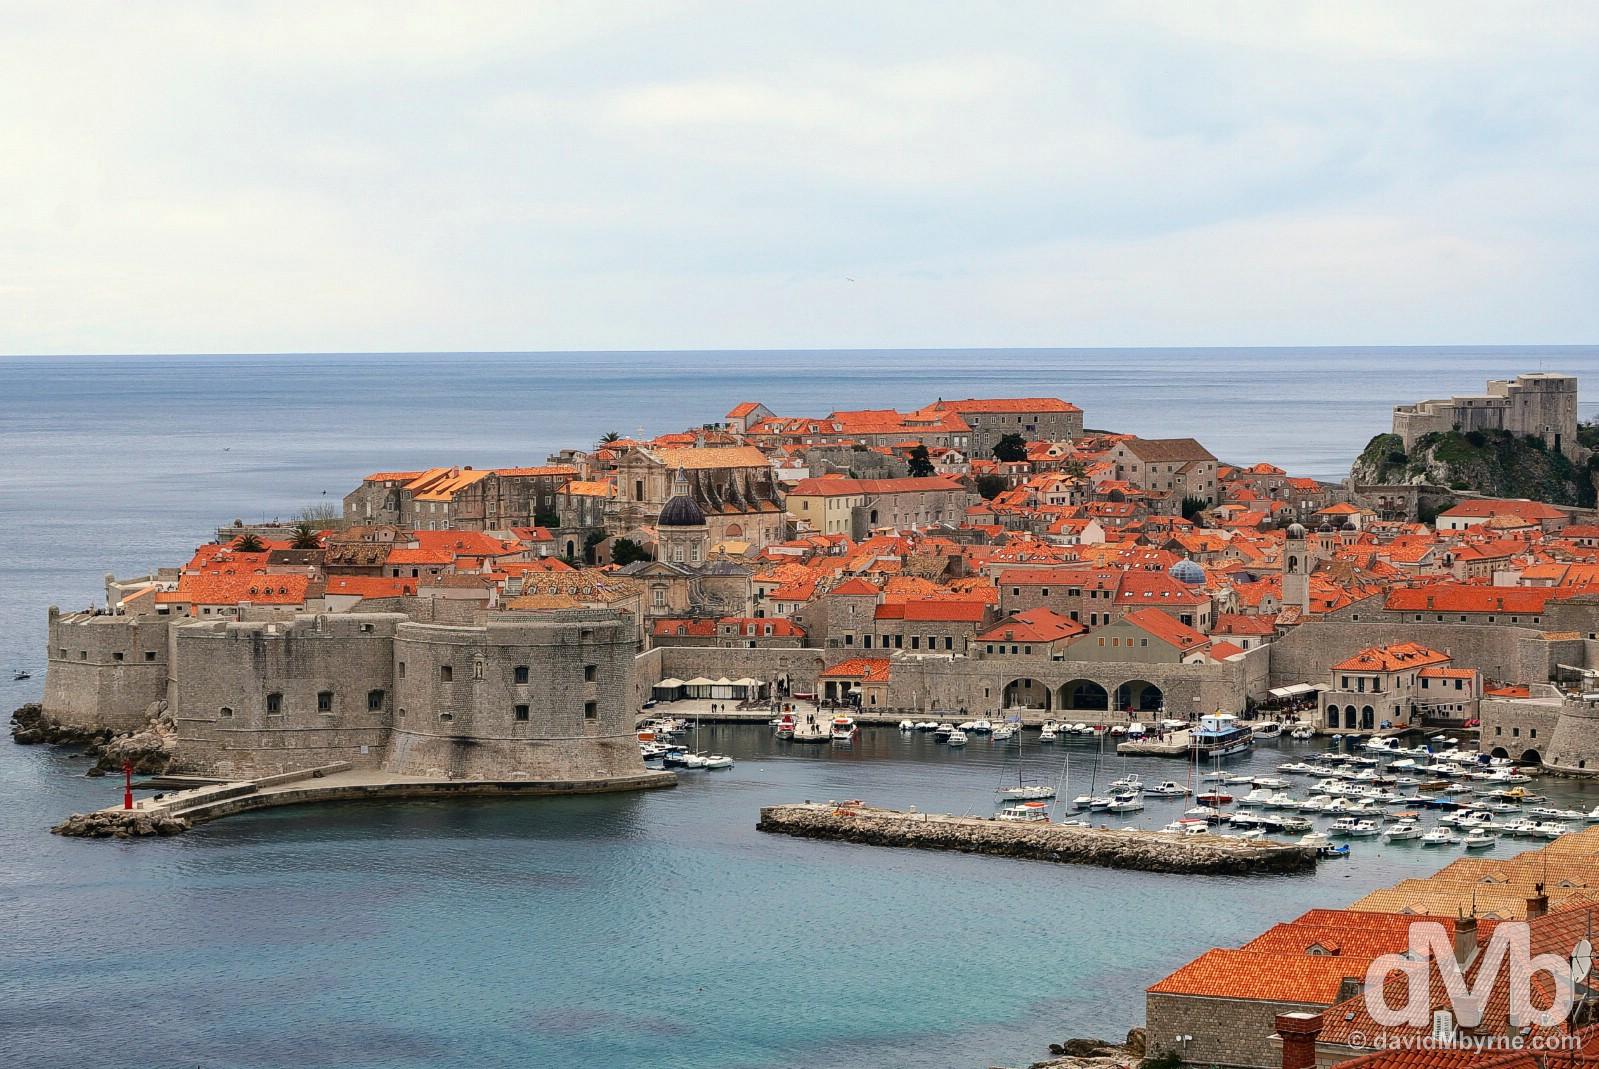 Old Town, Dubrovnik, Croatia. April 7, 2015.